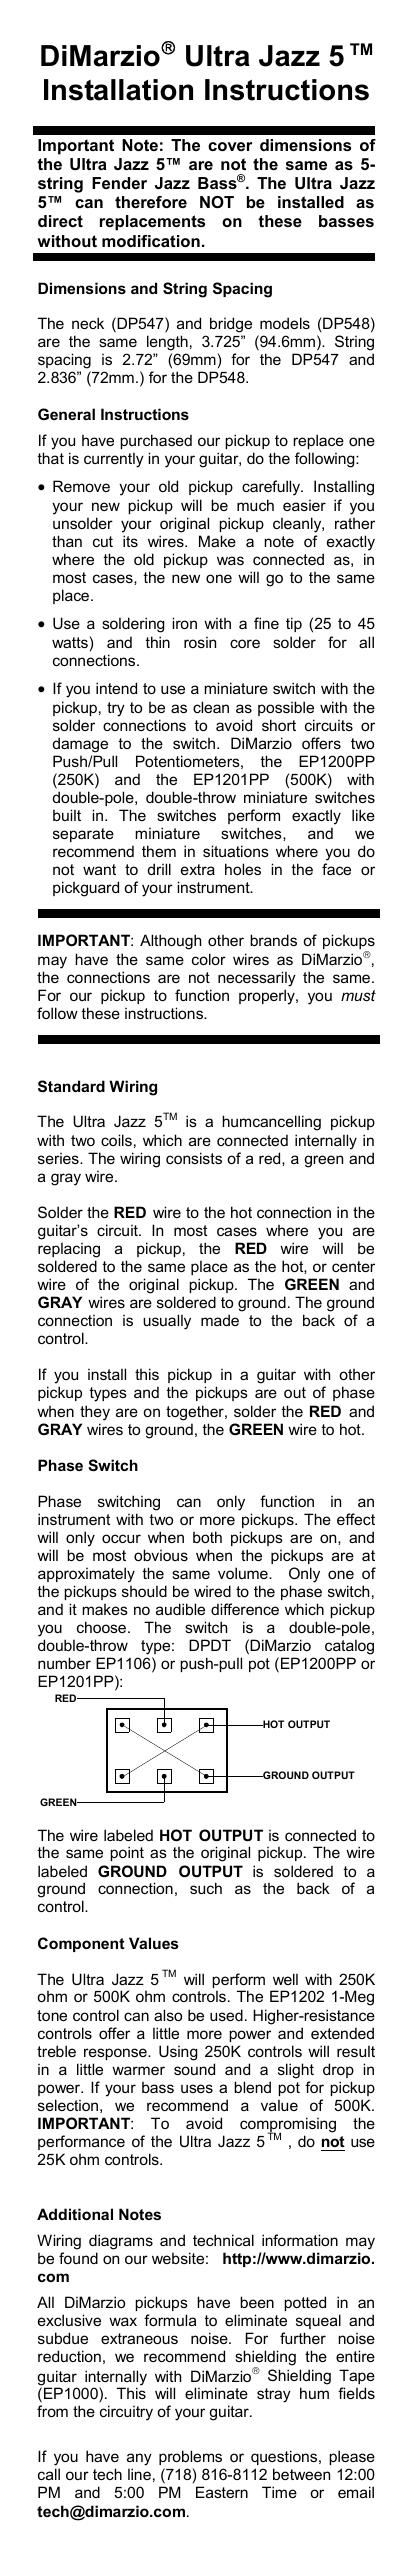 Way Switch Wiring Diagram On Dimarzio 5 Way Switch Wiring Diagram